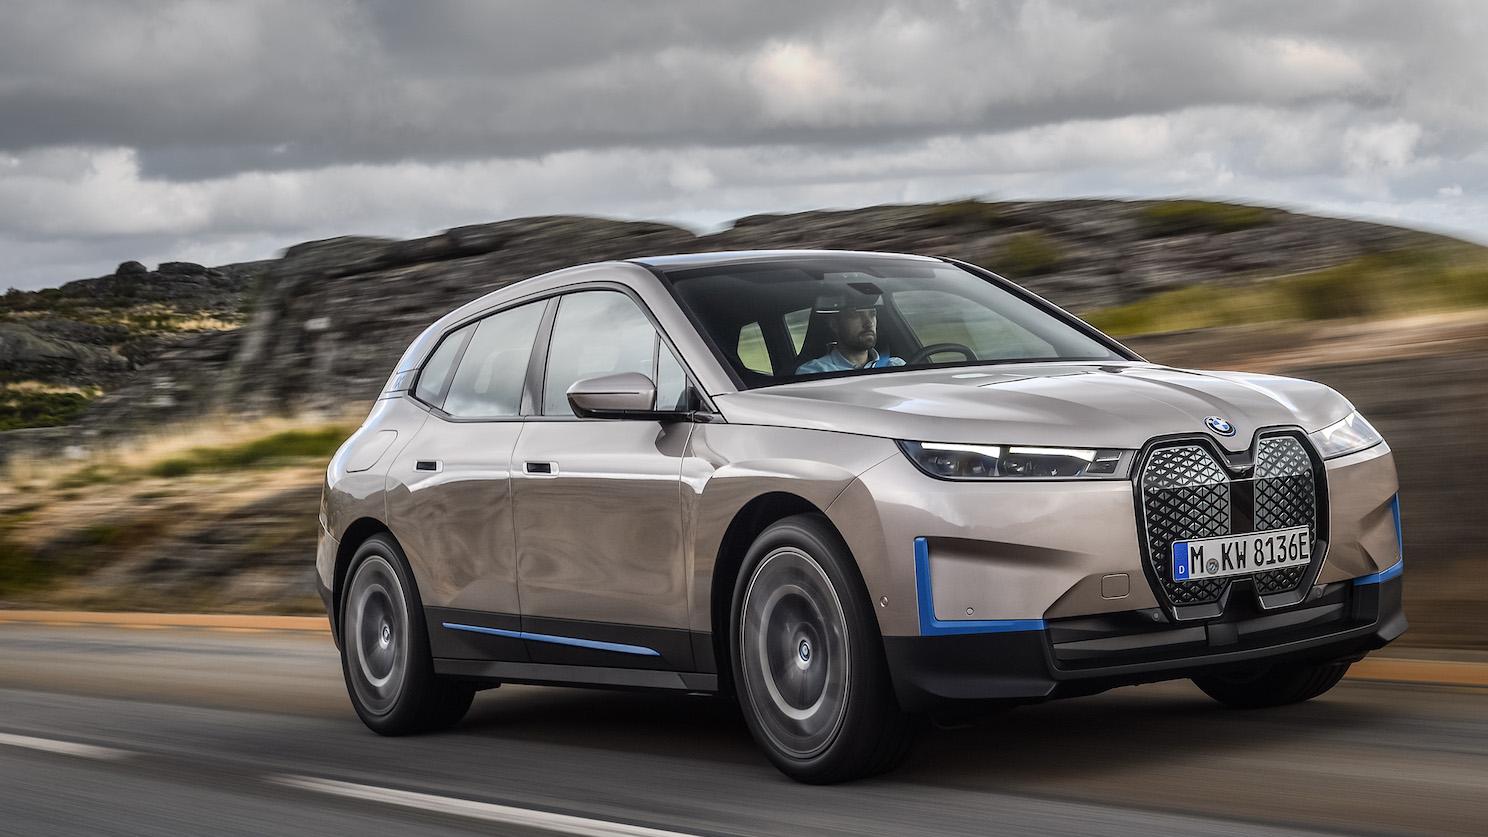 點燃純電豪華休旅戰火,BMW iX 叫戰 e-tron、EQC